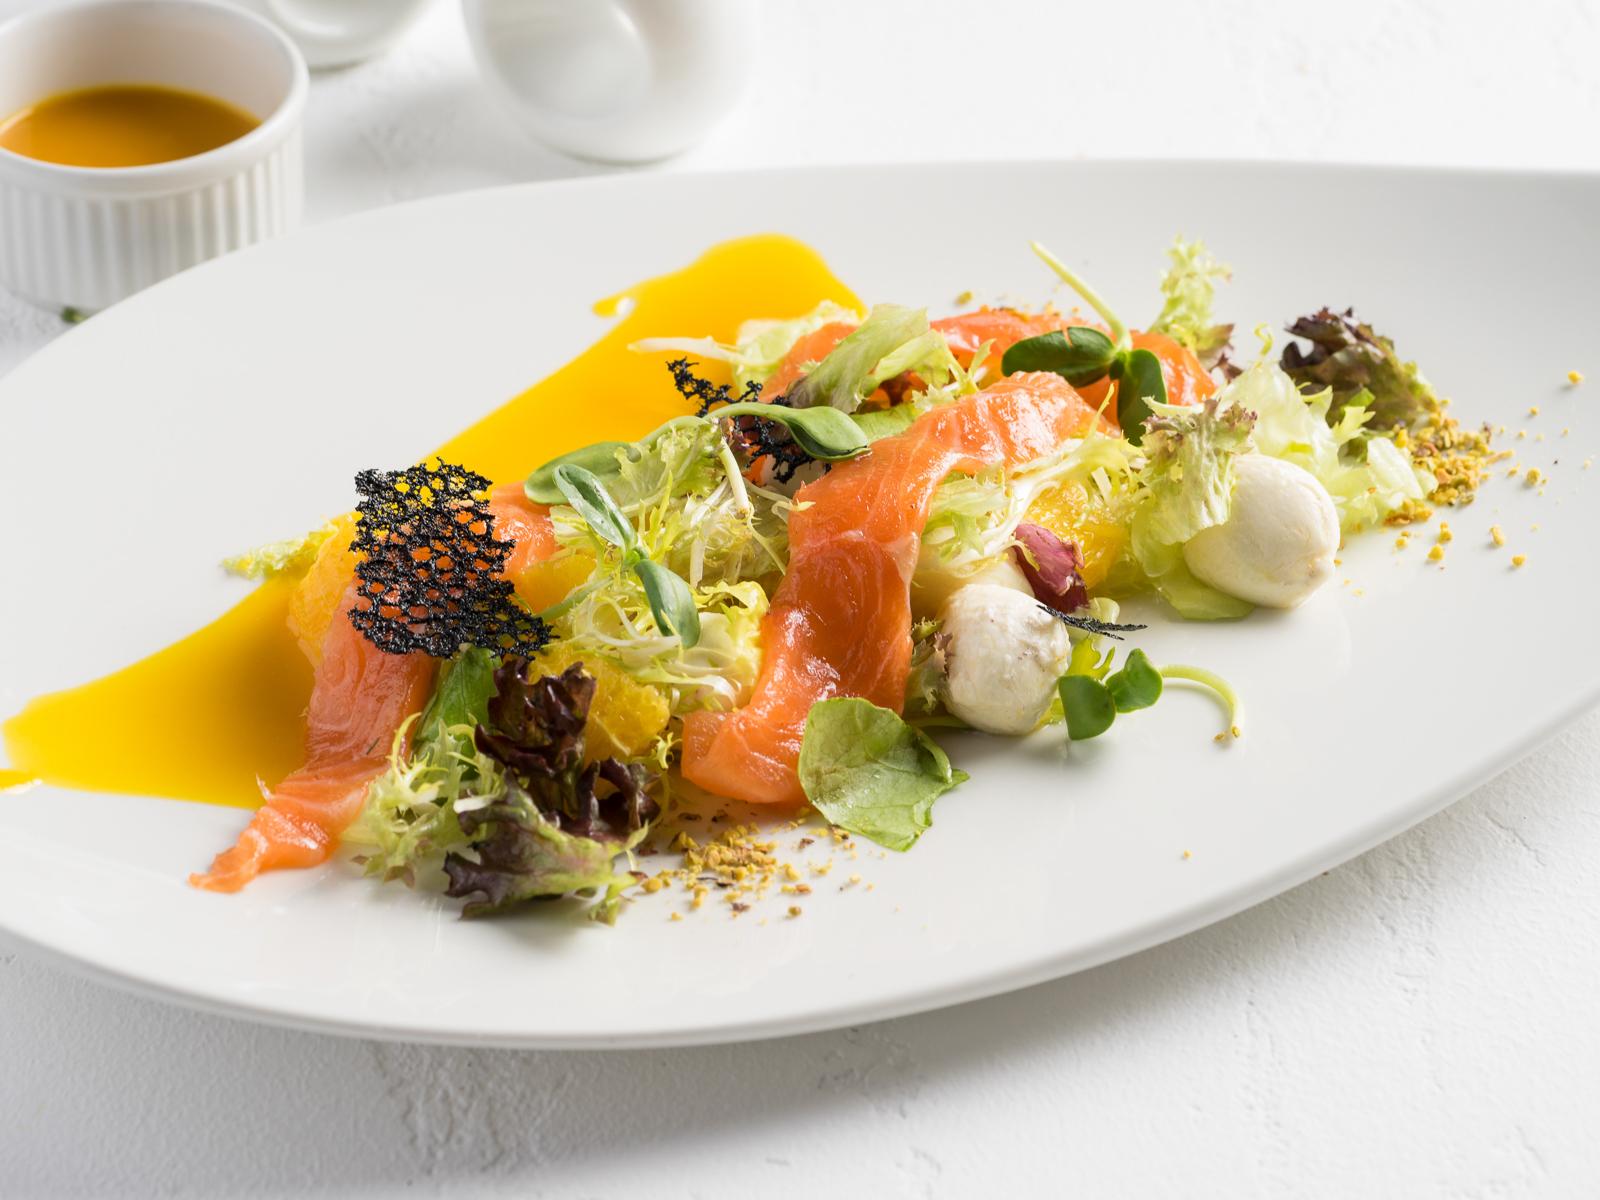 Салат с форелью и соусом из маракуйи